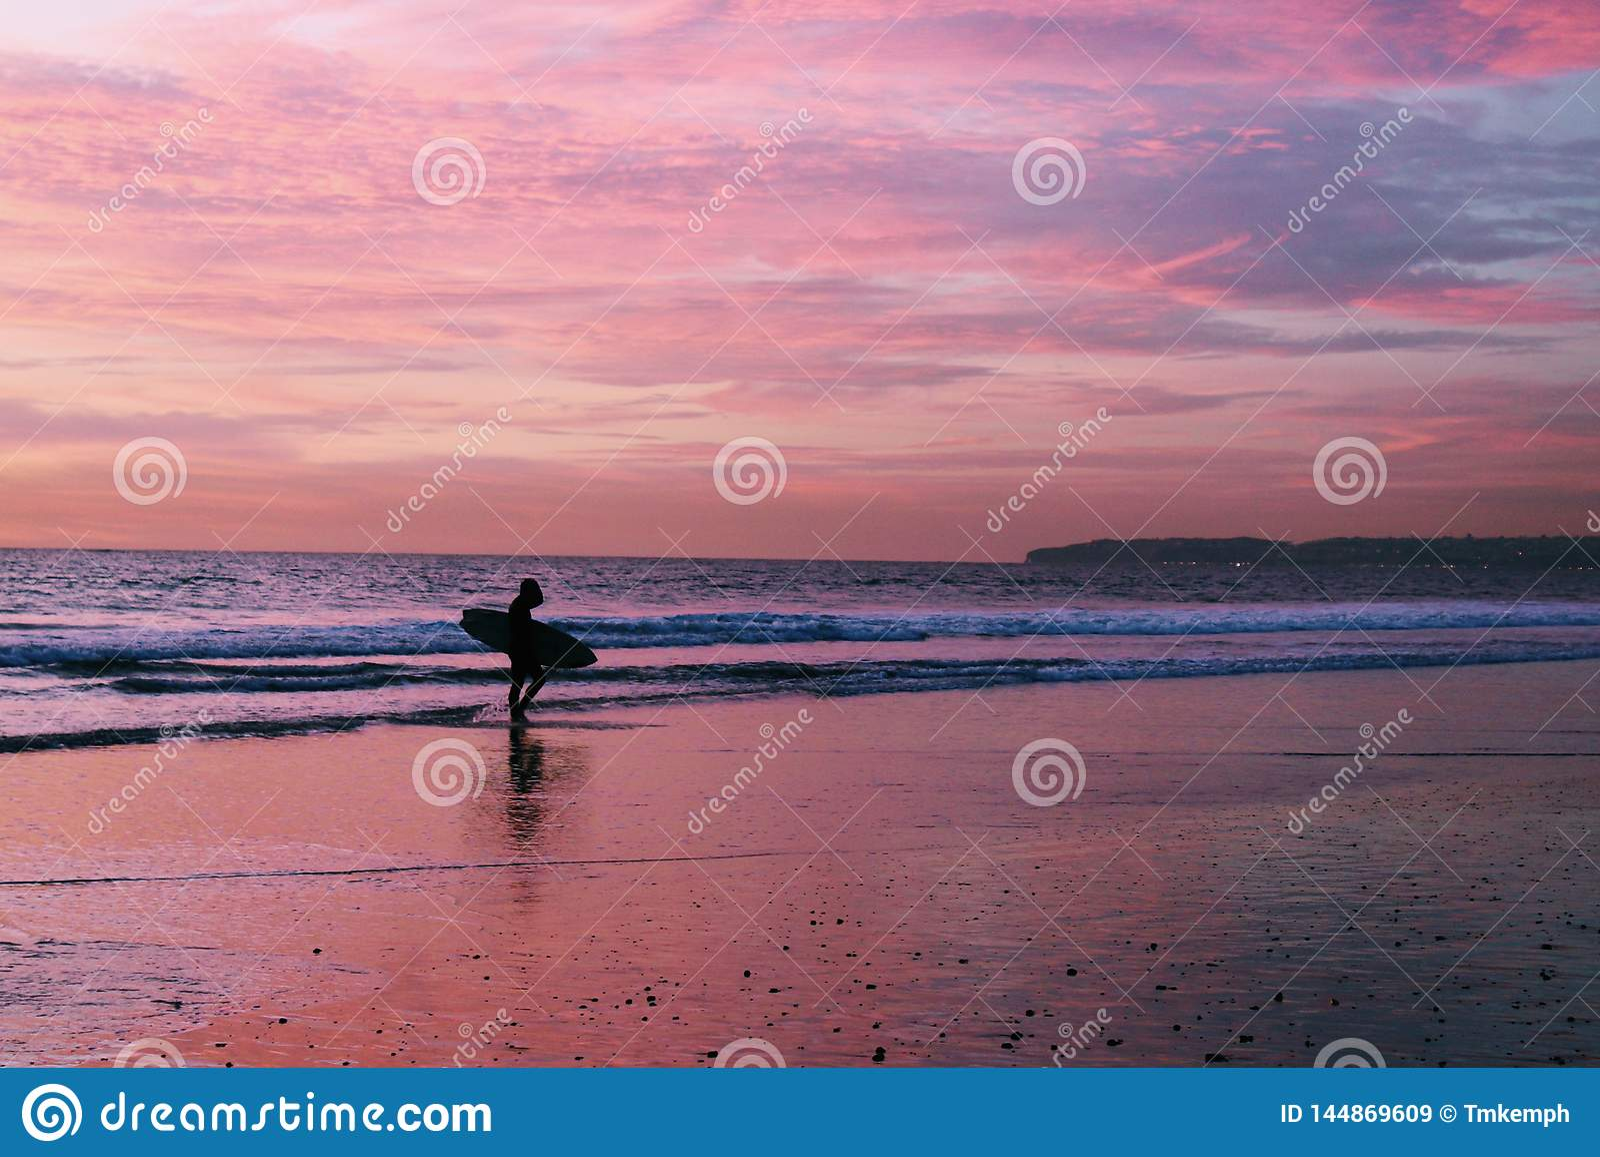 Surfare på stranden under solnedgång